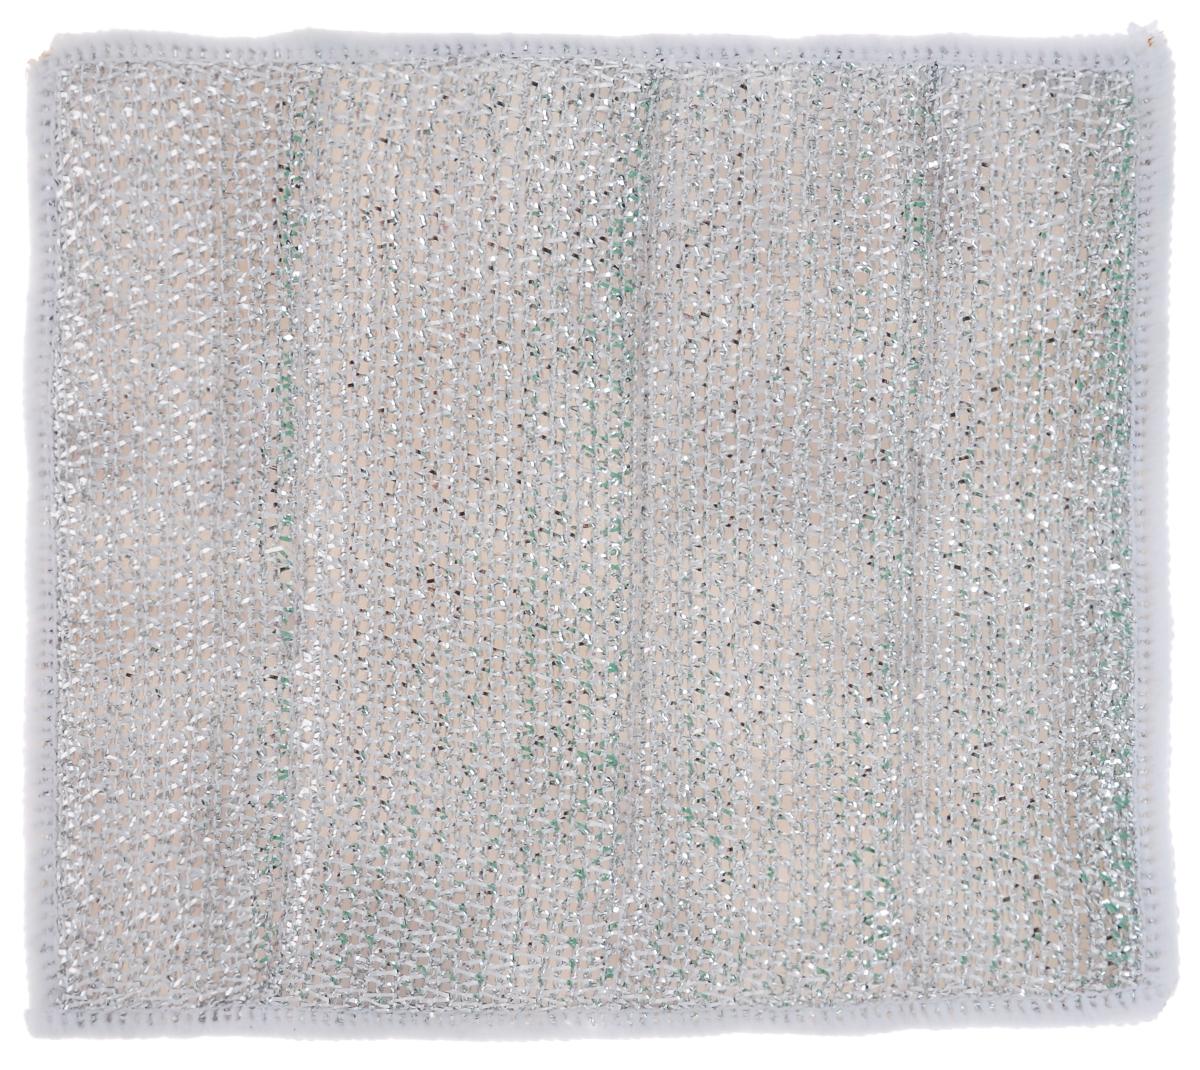 Салфетка для стеклокерамических плит Хозяюшка Мила, цвет: серебристый, белый, 21 х 17 см04024-150Салфетка для стеклокерамических плит Хозяюшка Мила станет незаменимым помощником на кухне. Жесткая сторона из фольгированного материала предназначена для очистки сильно загрязненных поверхностей. Мягкая сторона из микрофибры прекрасно впитывает влагу, удаляет грязь и пыль с деликатных поверхностей. Размер салфетки: 21 см х 17 см.